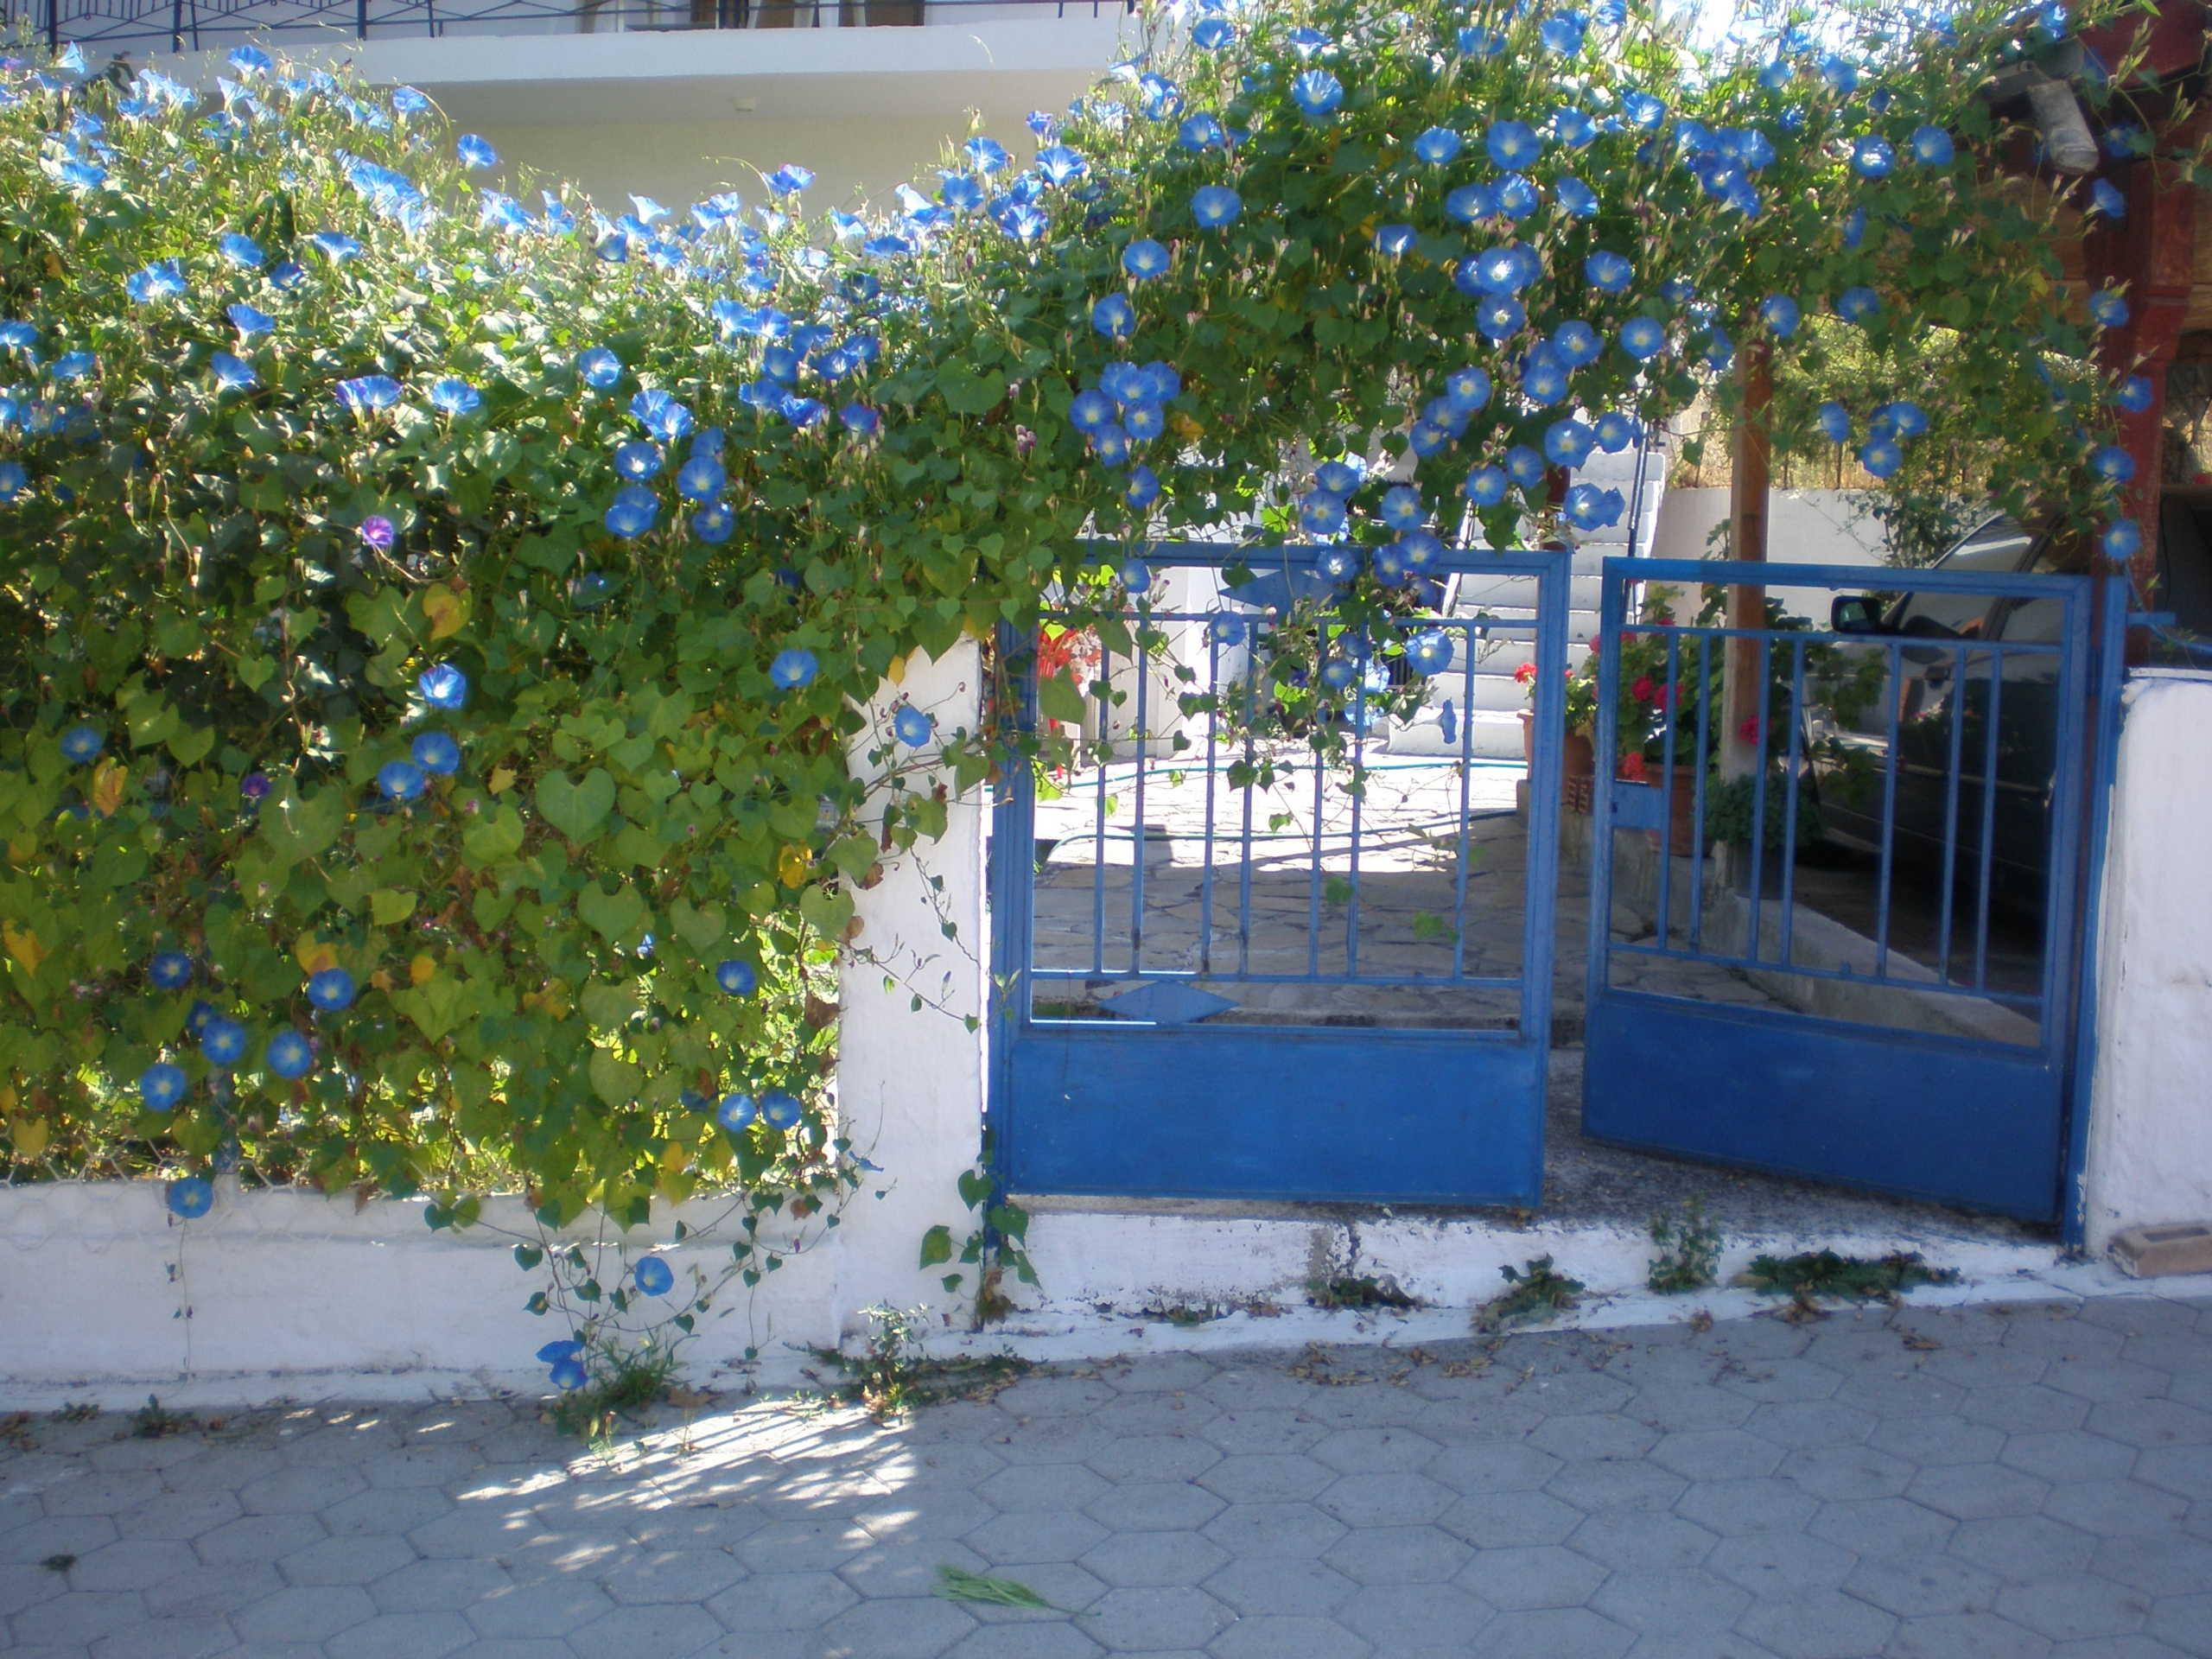 Θεσσαλονίκη: Ανθίζουν τα μπαλκόνια λόγω καραντίνας! Μαραζώνουν οι πασχαλιές στα φυτώρια (Φωτό)